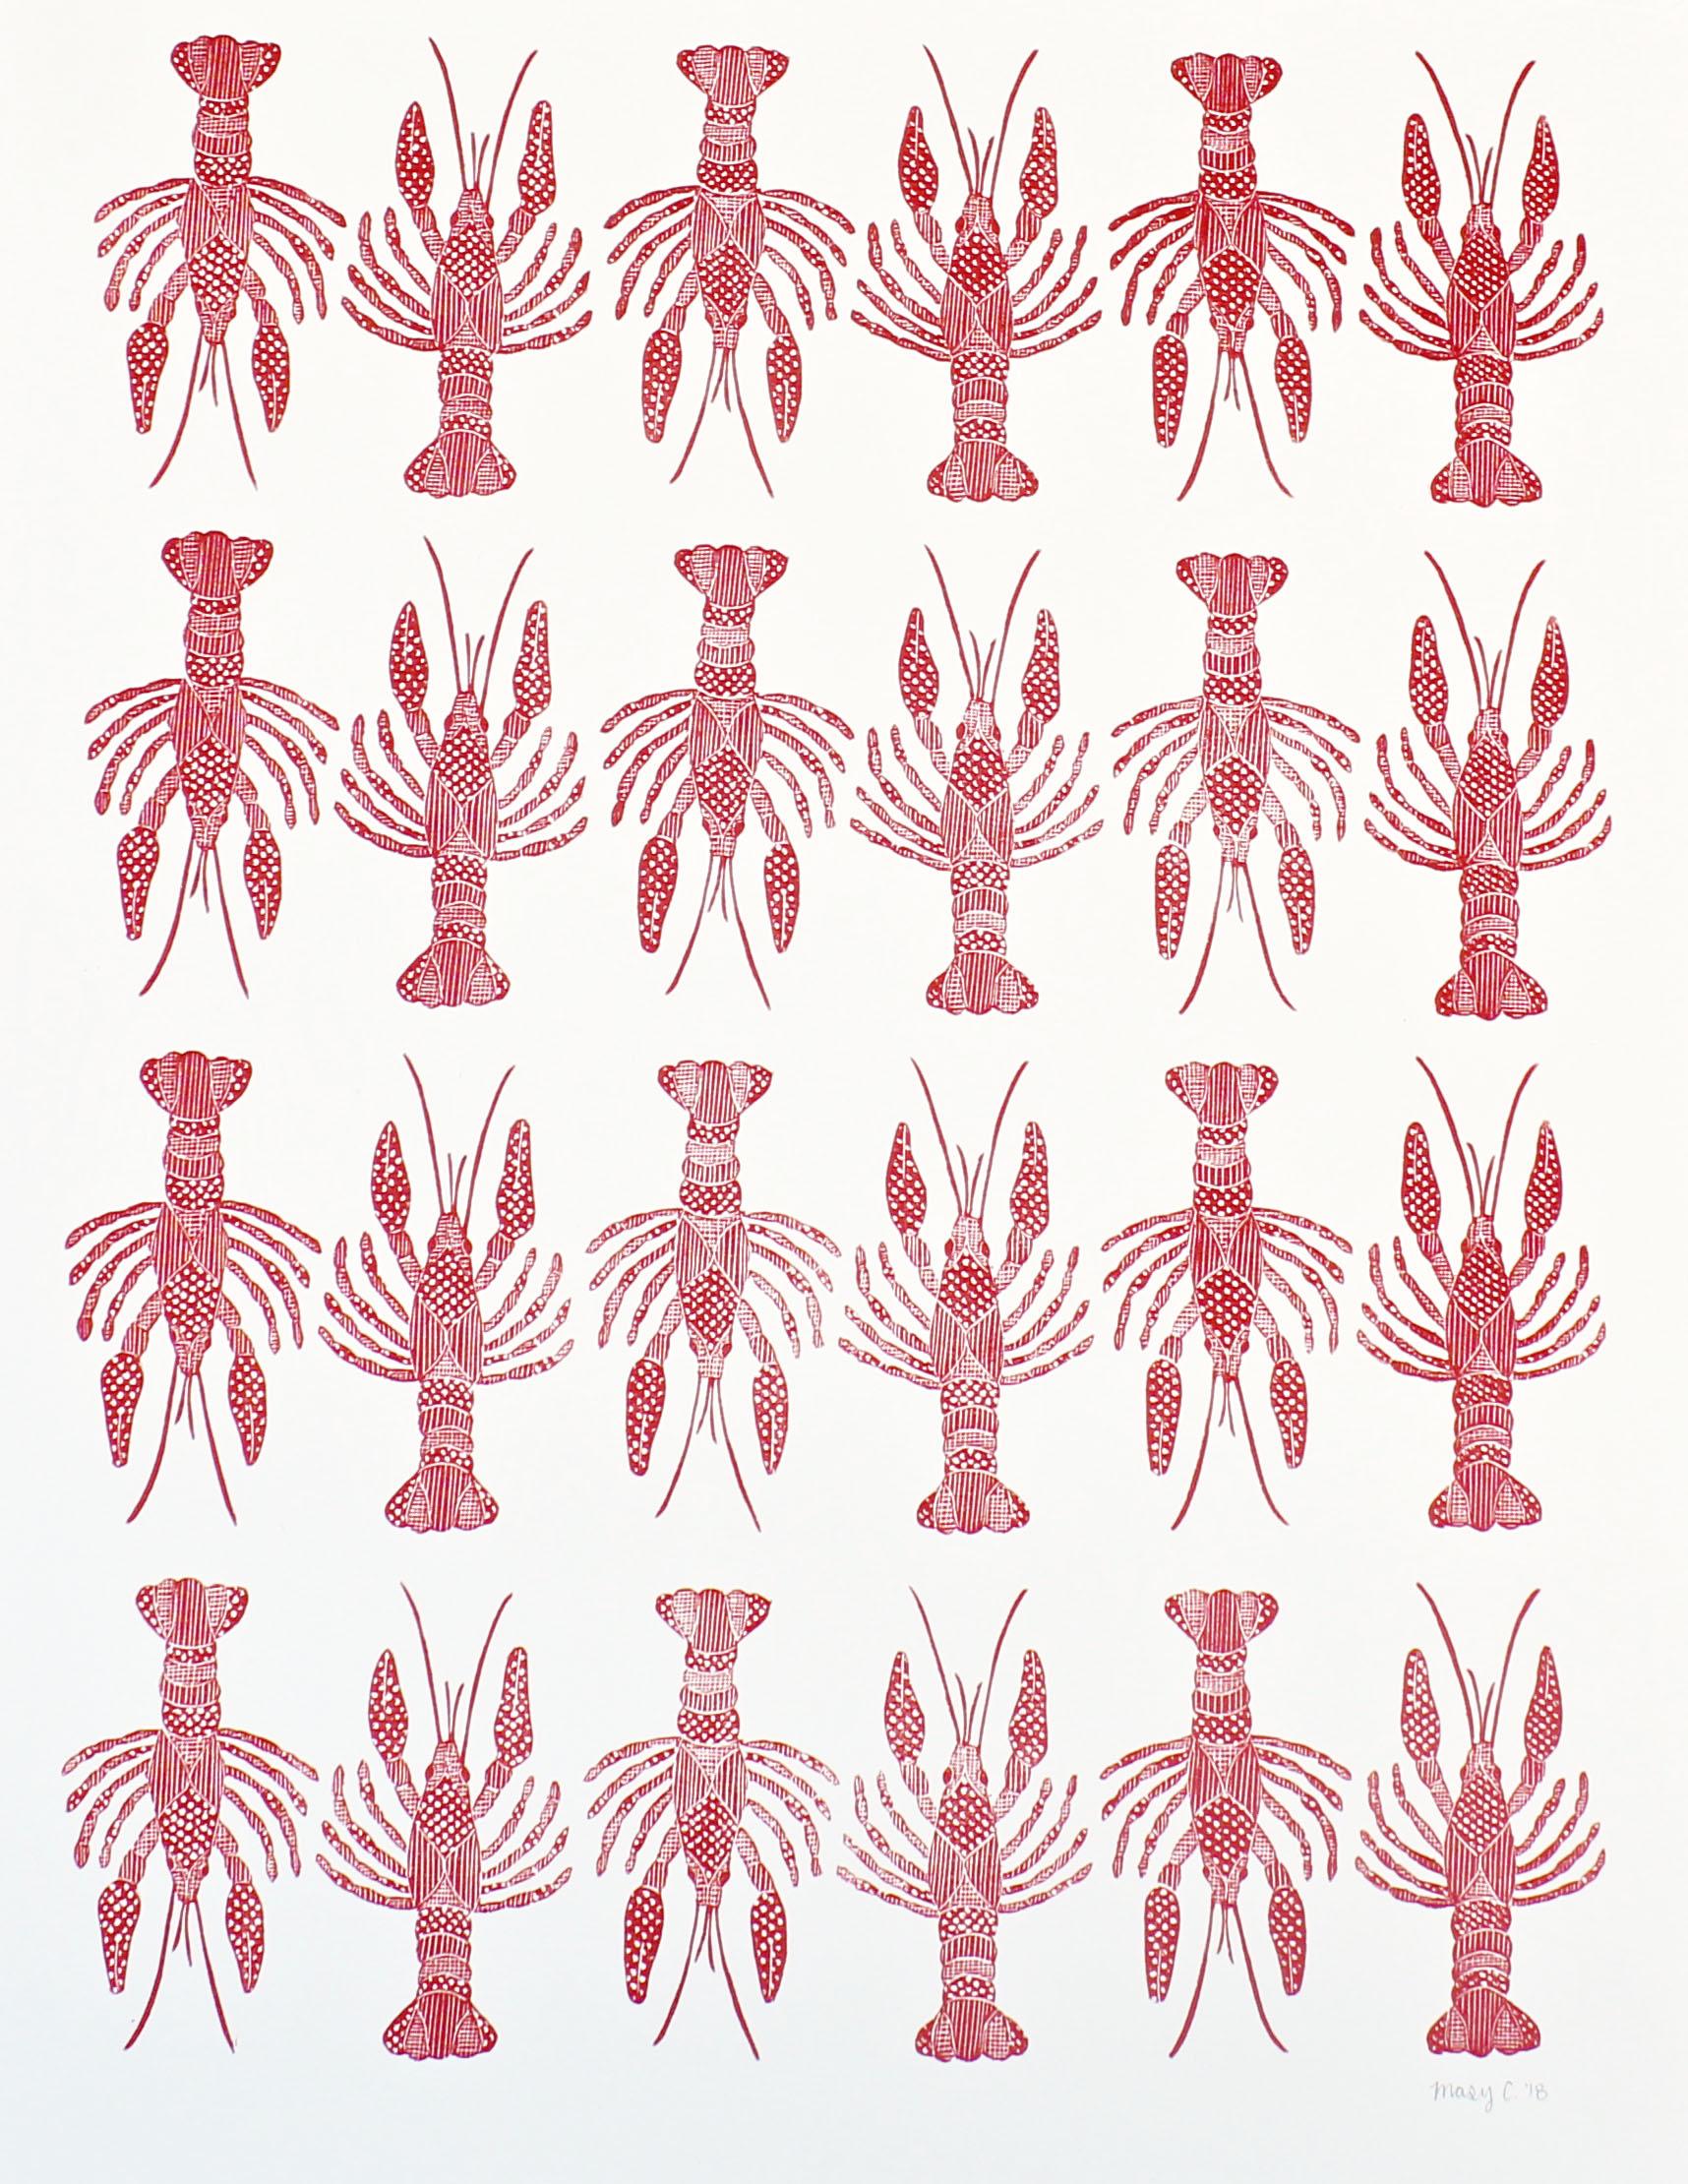 Crawfish pattern